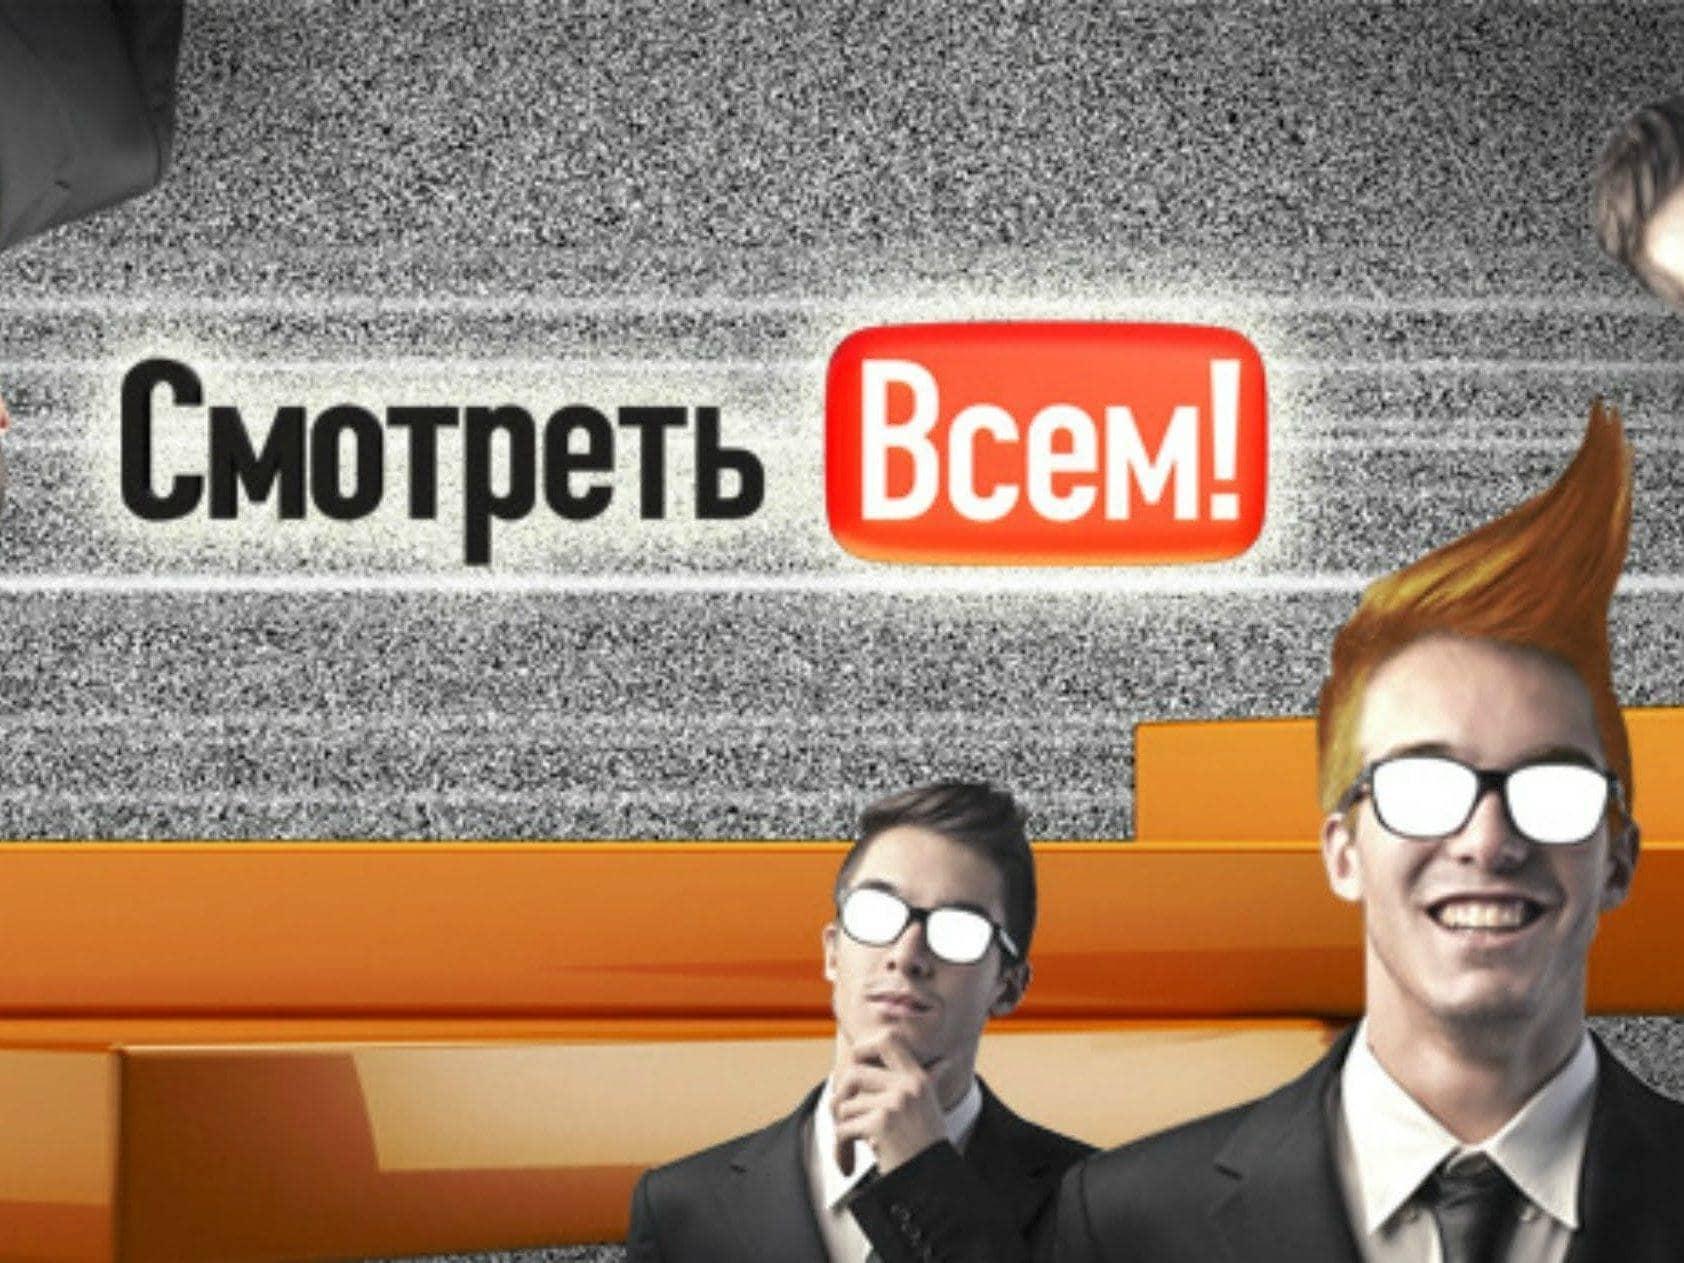 Смотреть всем! 357 серия в 22:37 на канале РЕН ТВ